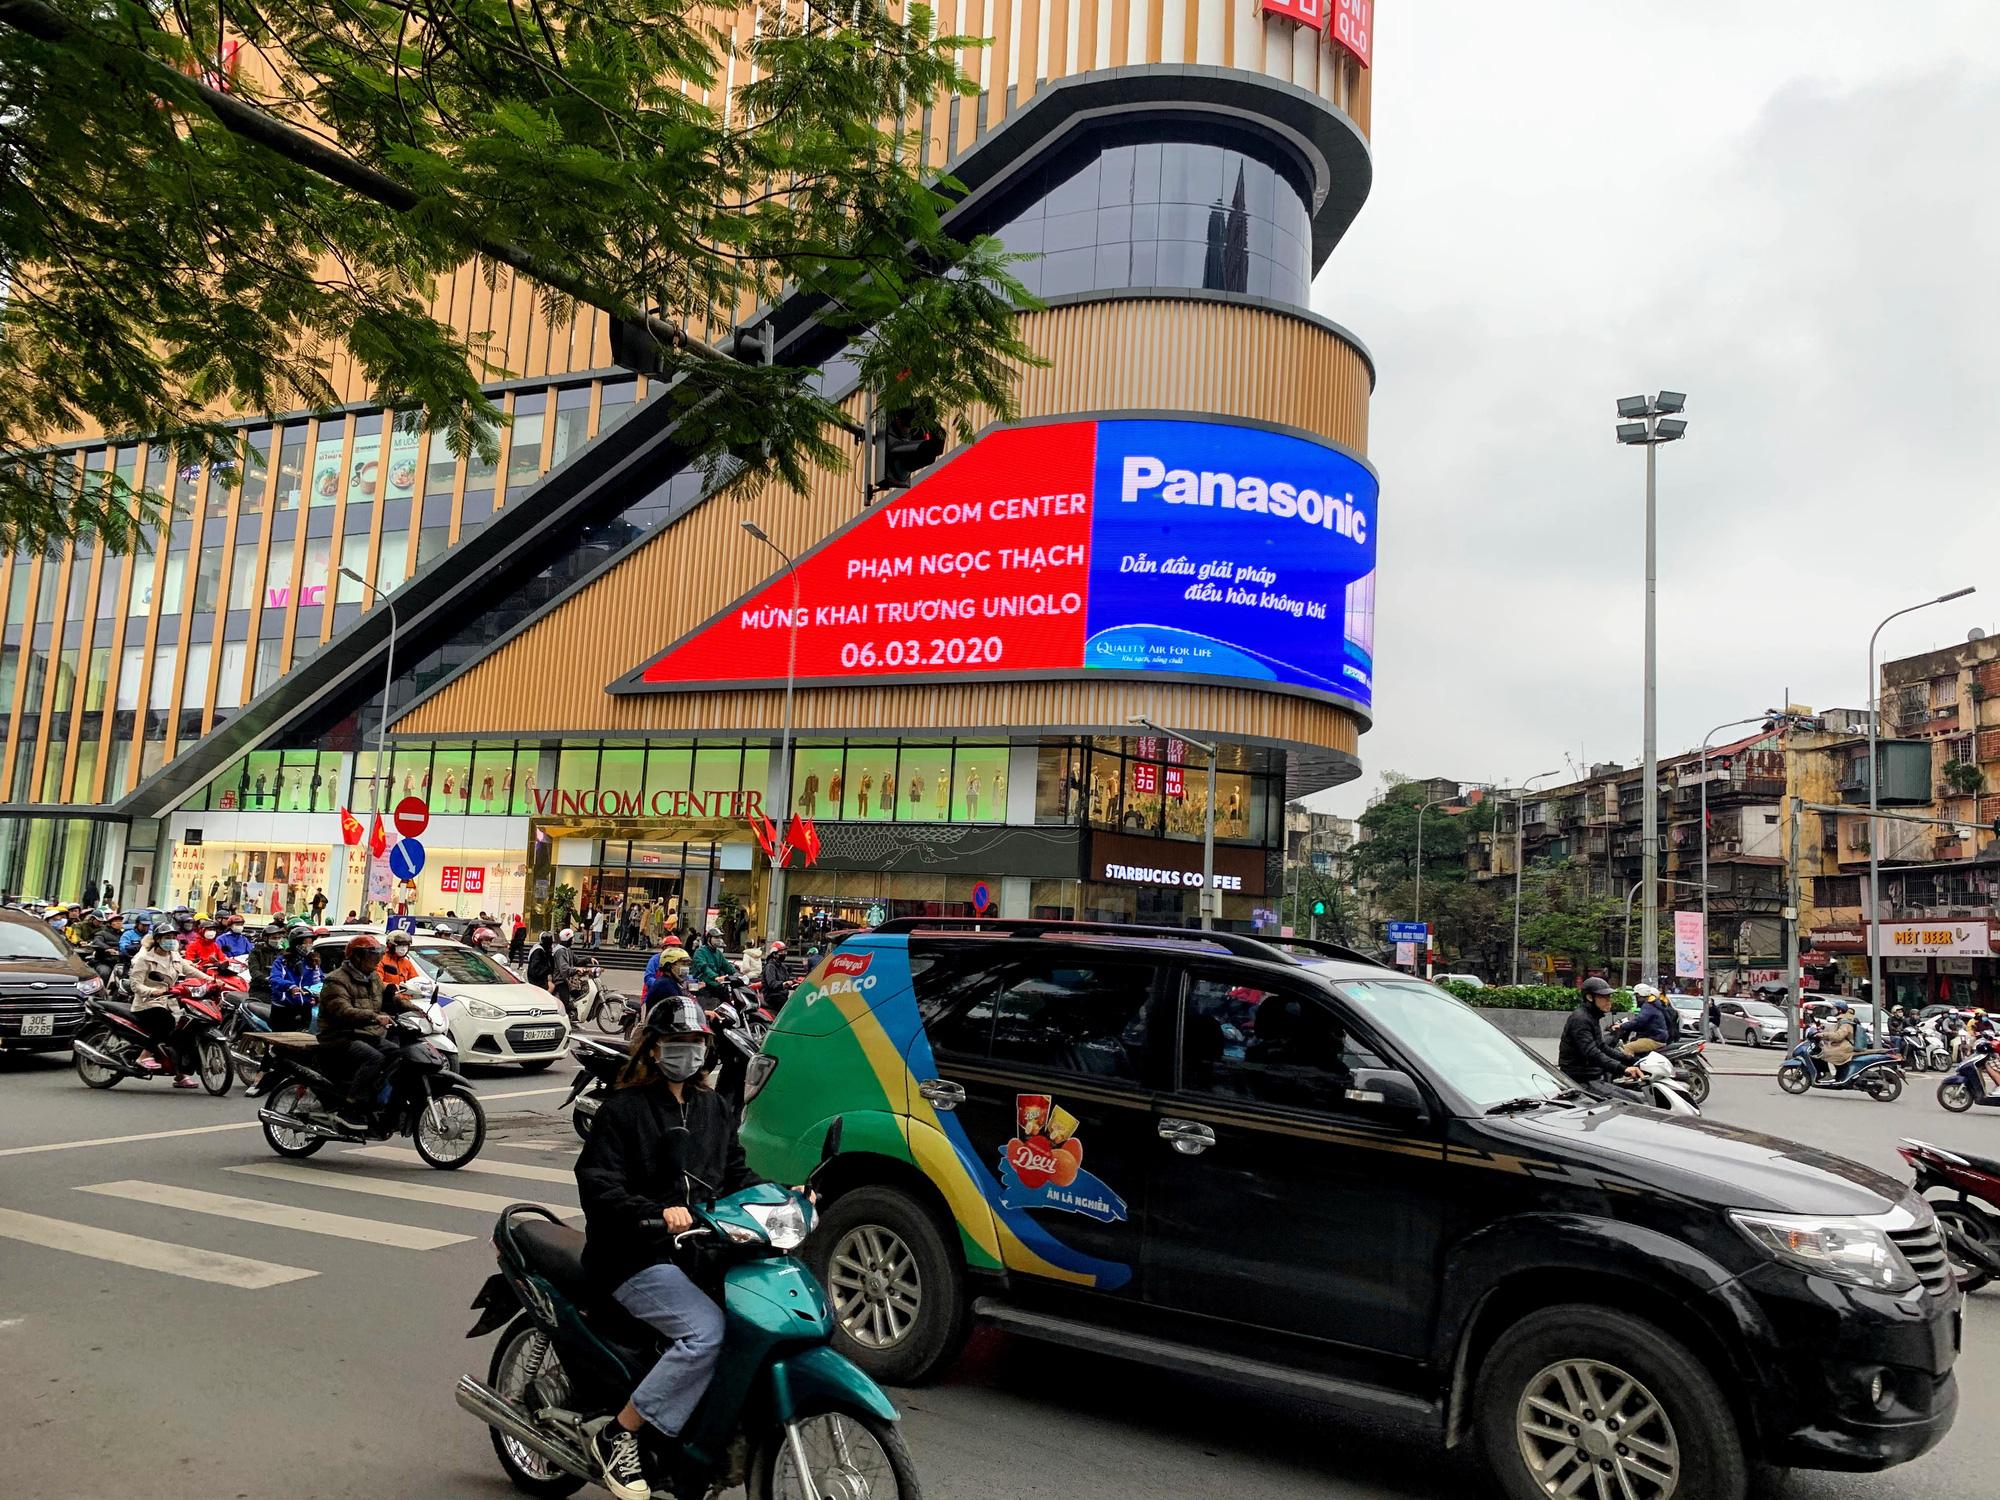 Bên trong cửa hàng Uniqlo lớn nhất Đông Nam Á ở Hà Nội có gì? - Ảnh 2.